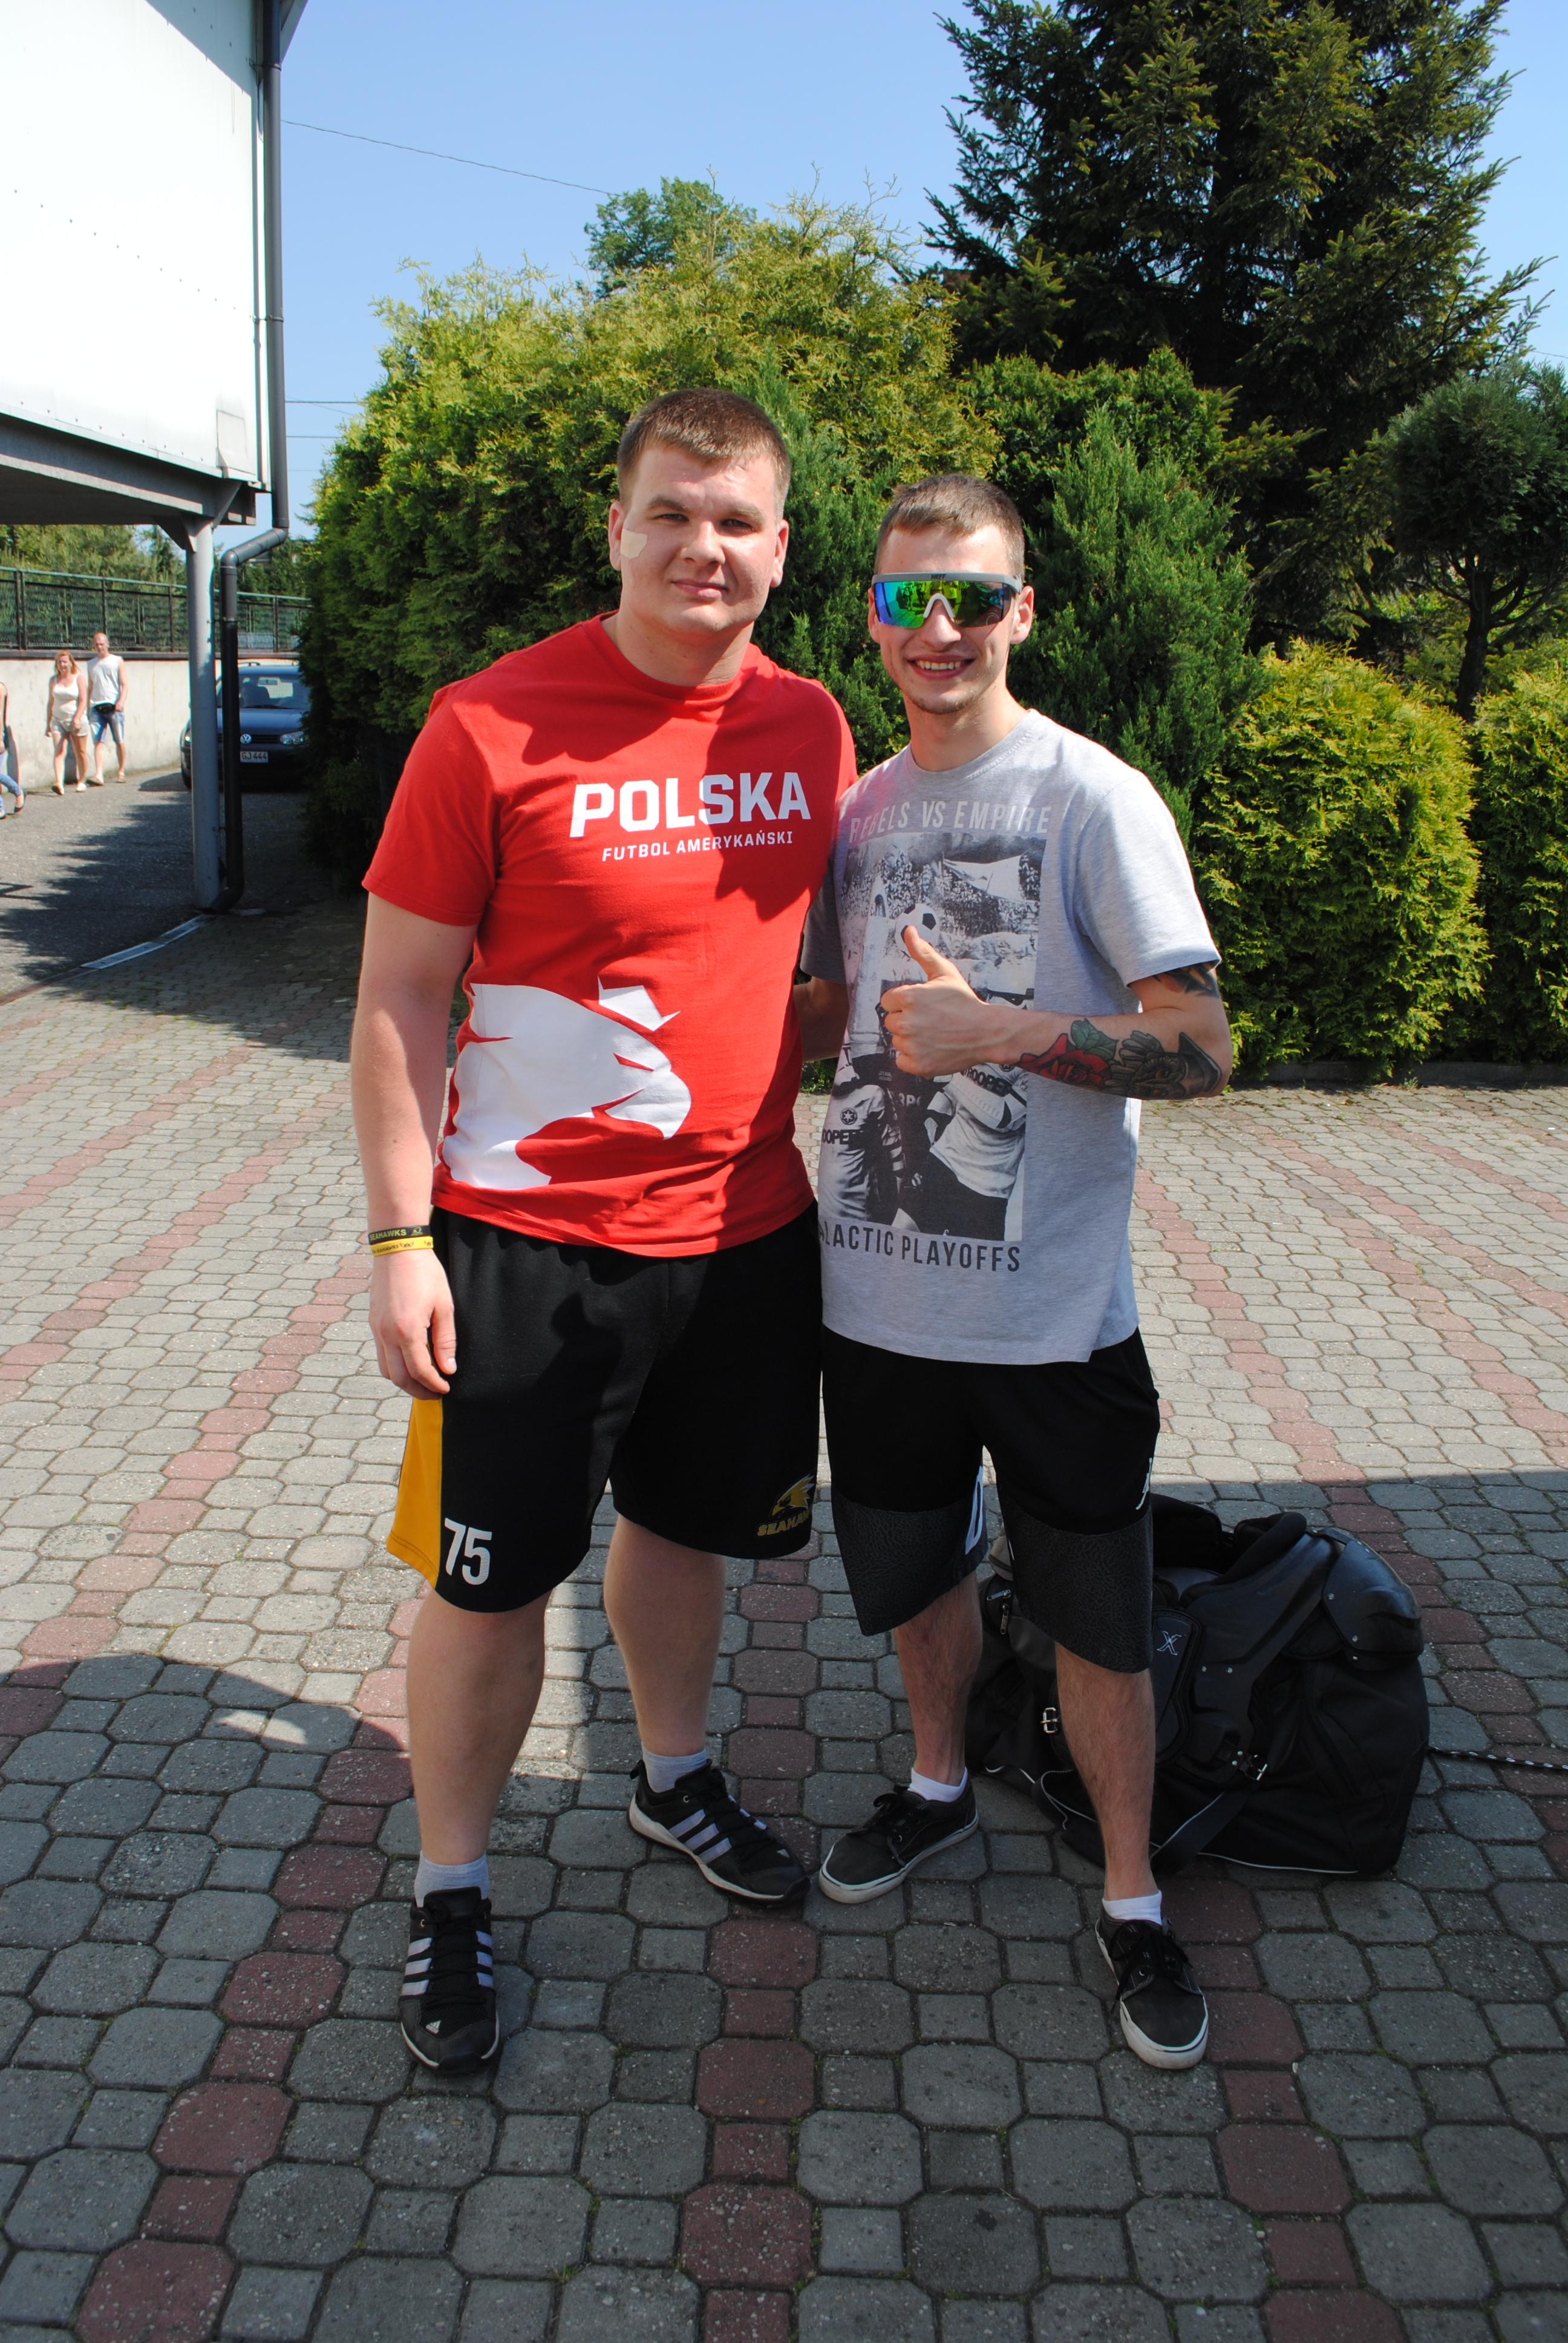 od lewej: Arkadiusz Cieślok - kapitan reprezentacji Polski w futbolu amerykańskim; Kacper Woryna - żużlowiec ROW Rybnik